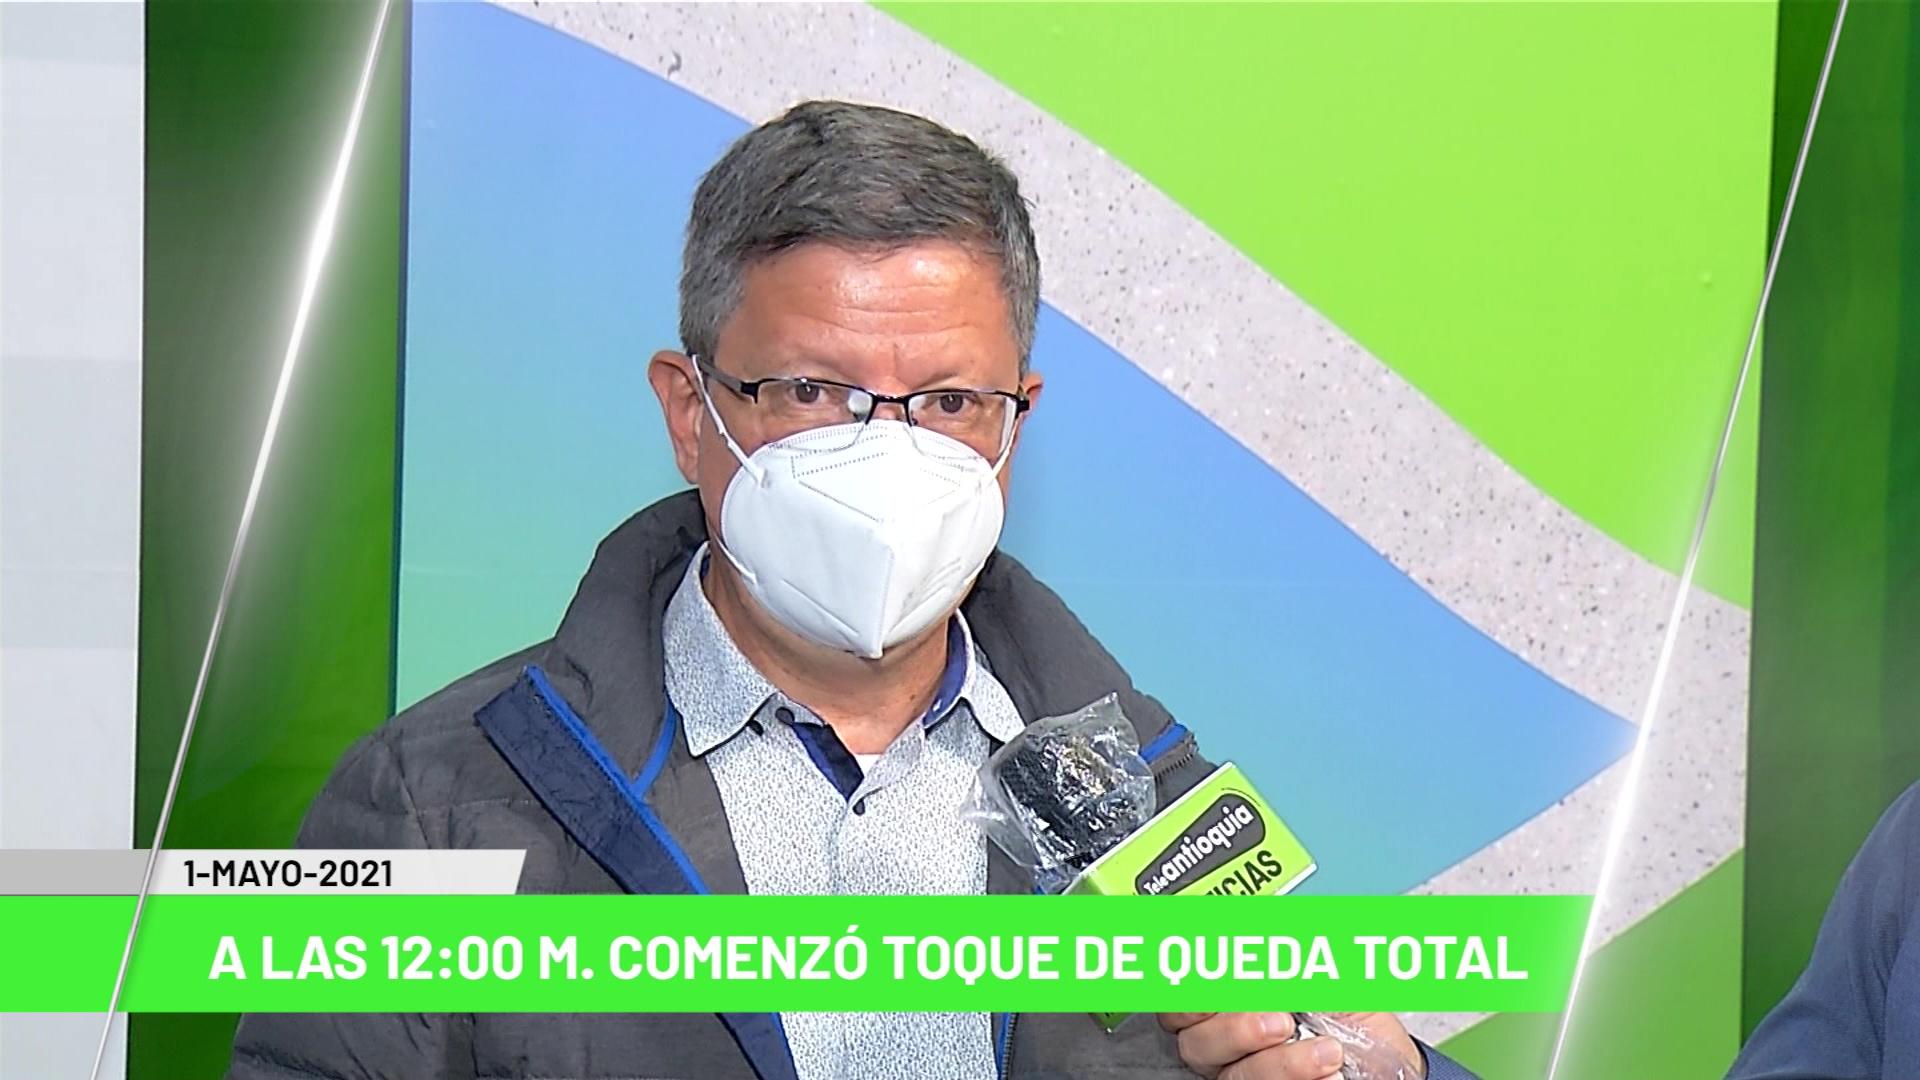 Titulares de Teleantioquia Noticias – sábado primero de mayo de 2021 mediodía